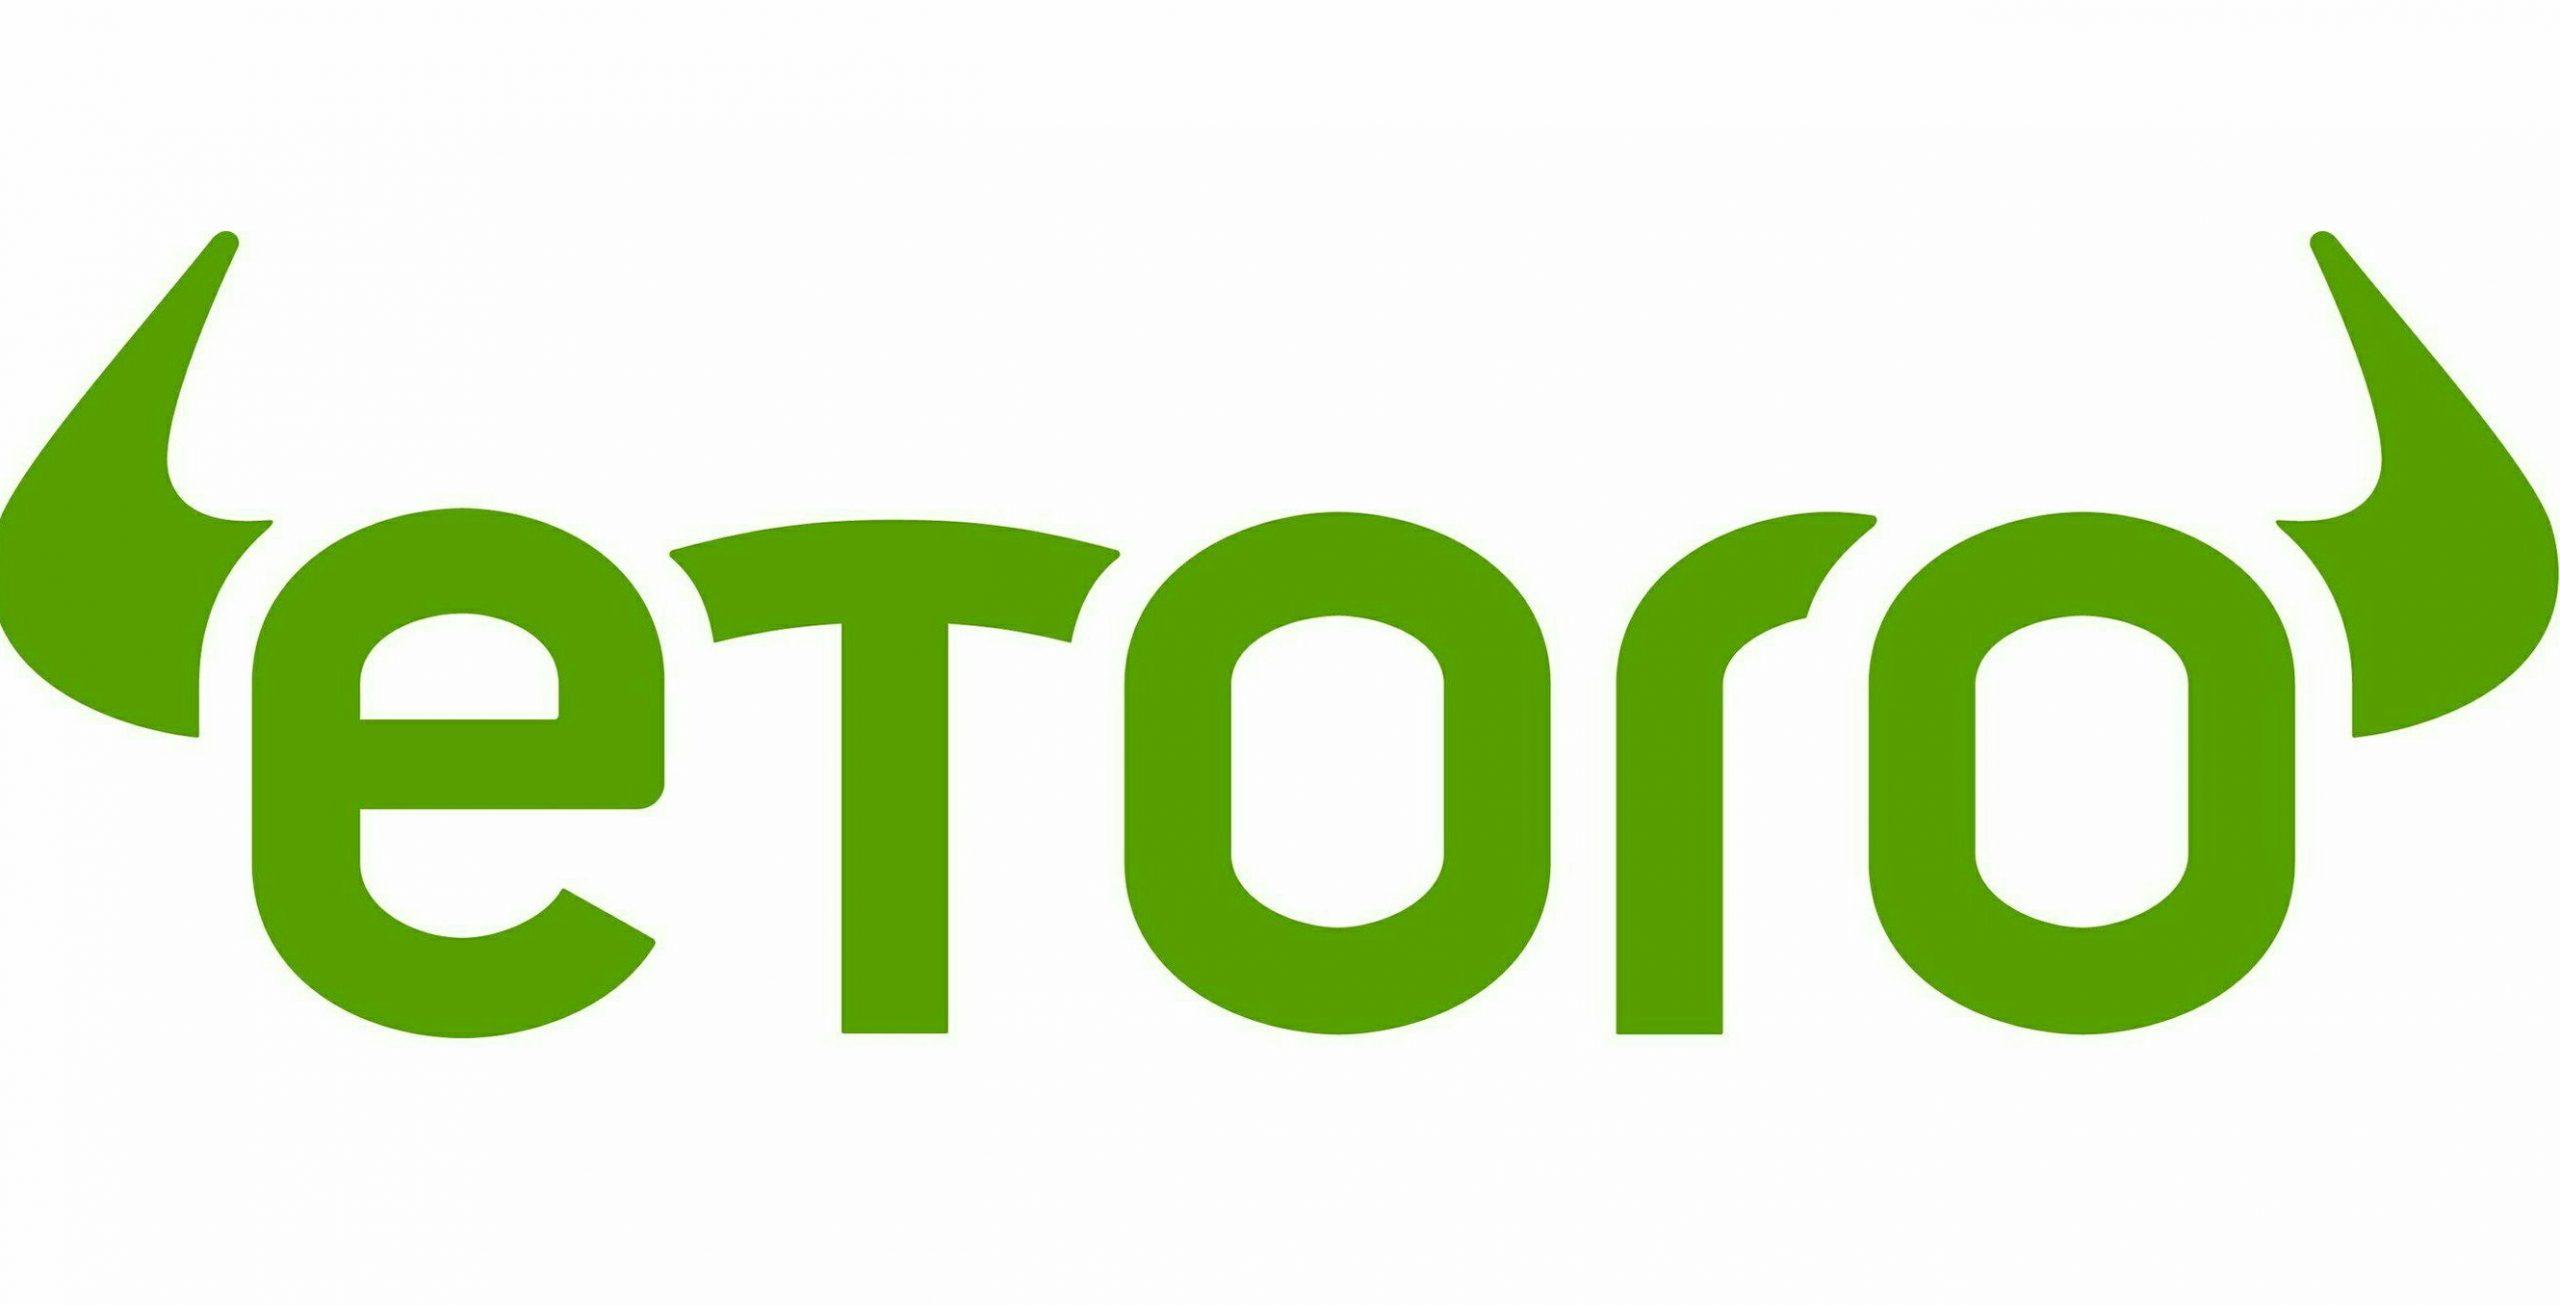 Etoro là gì